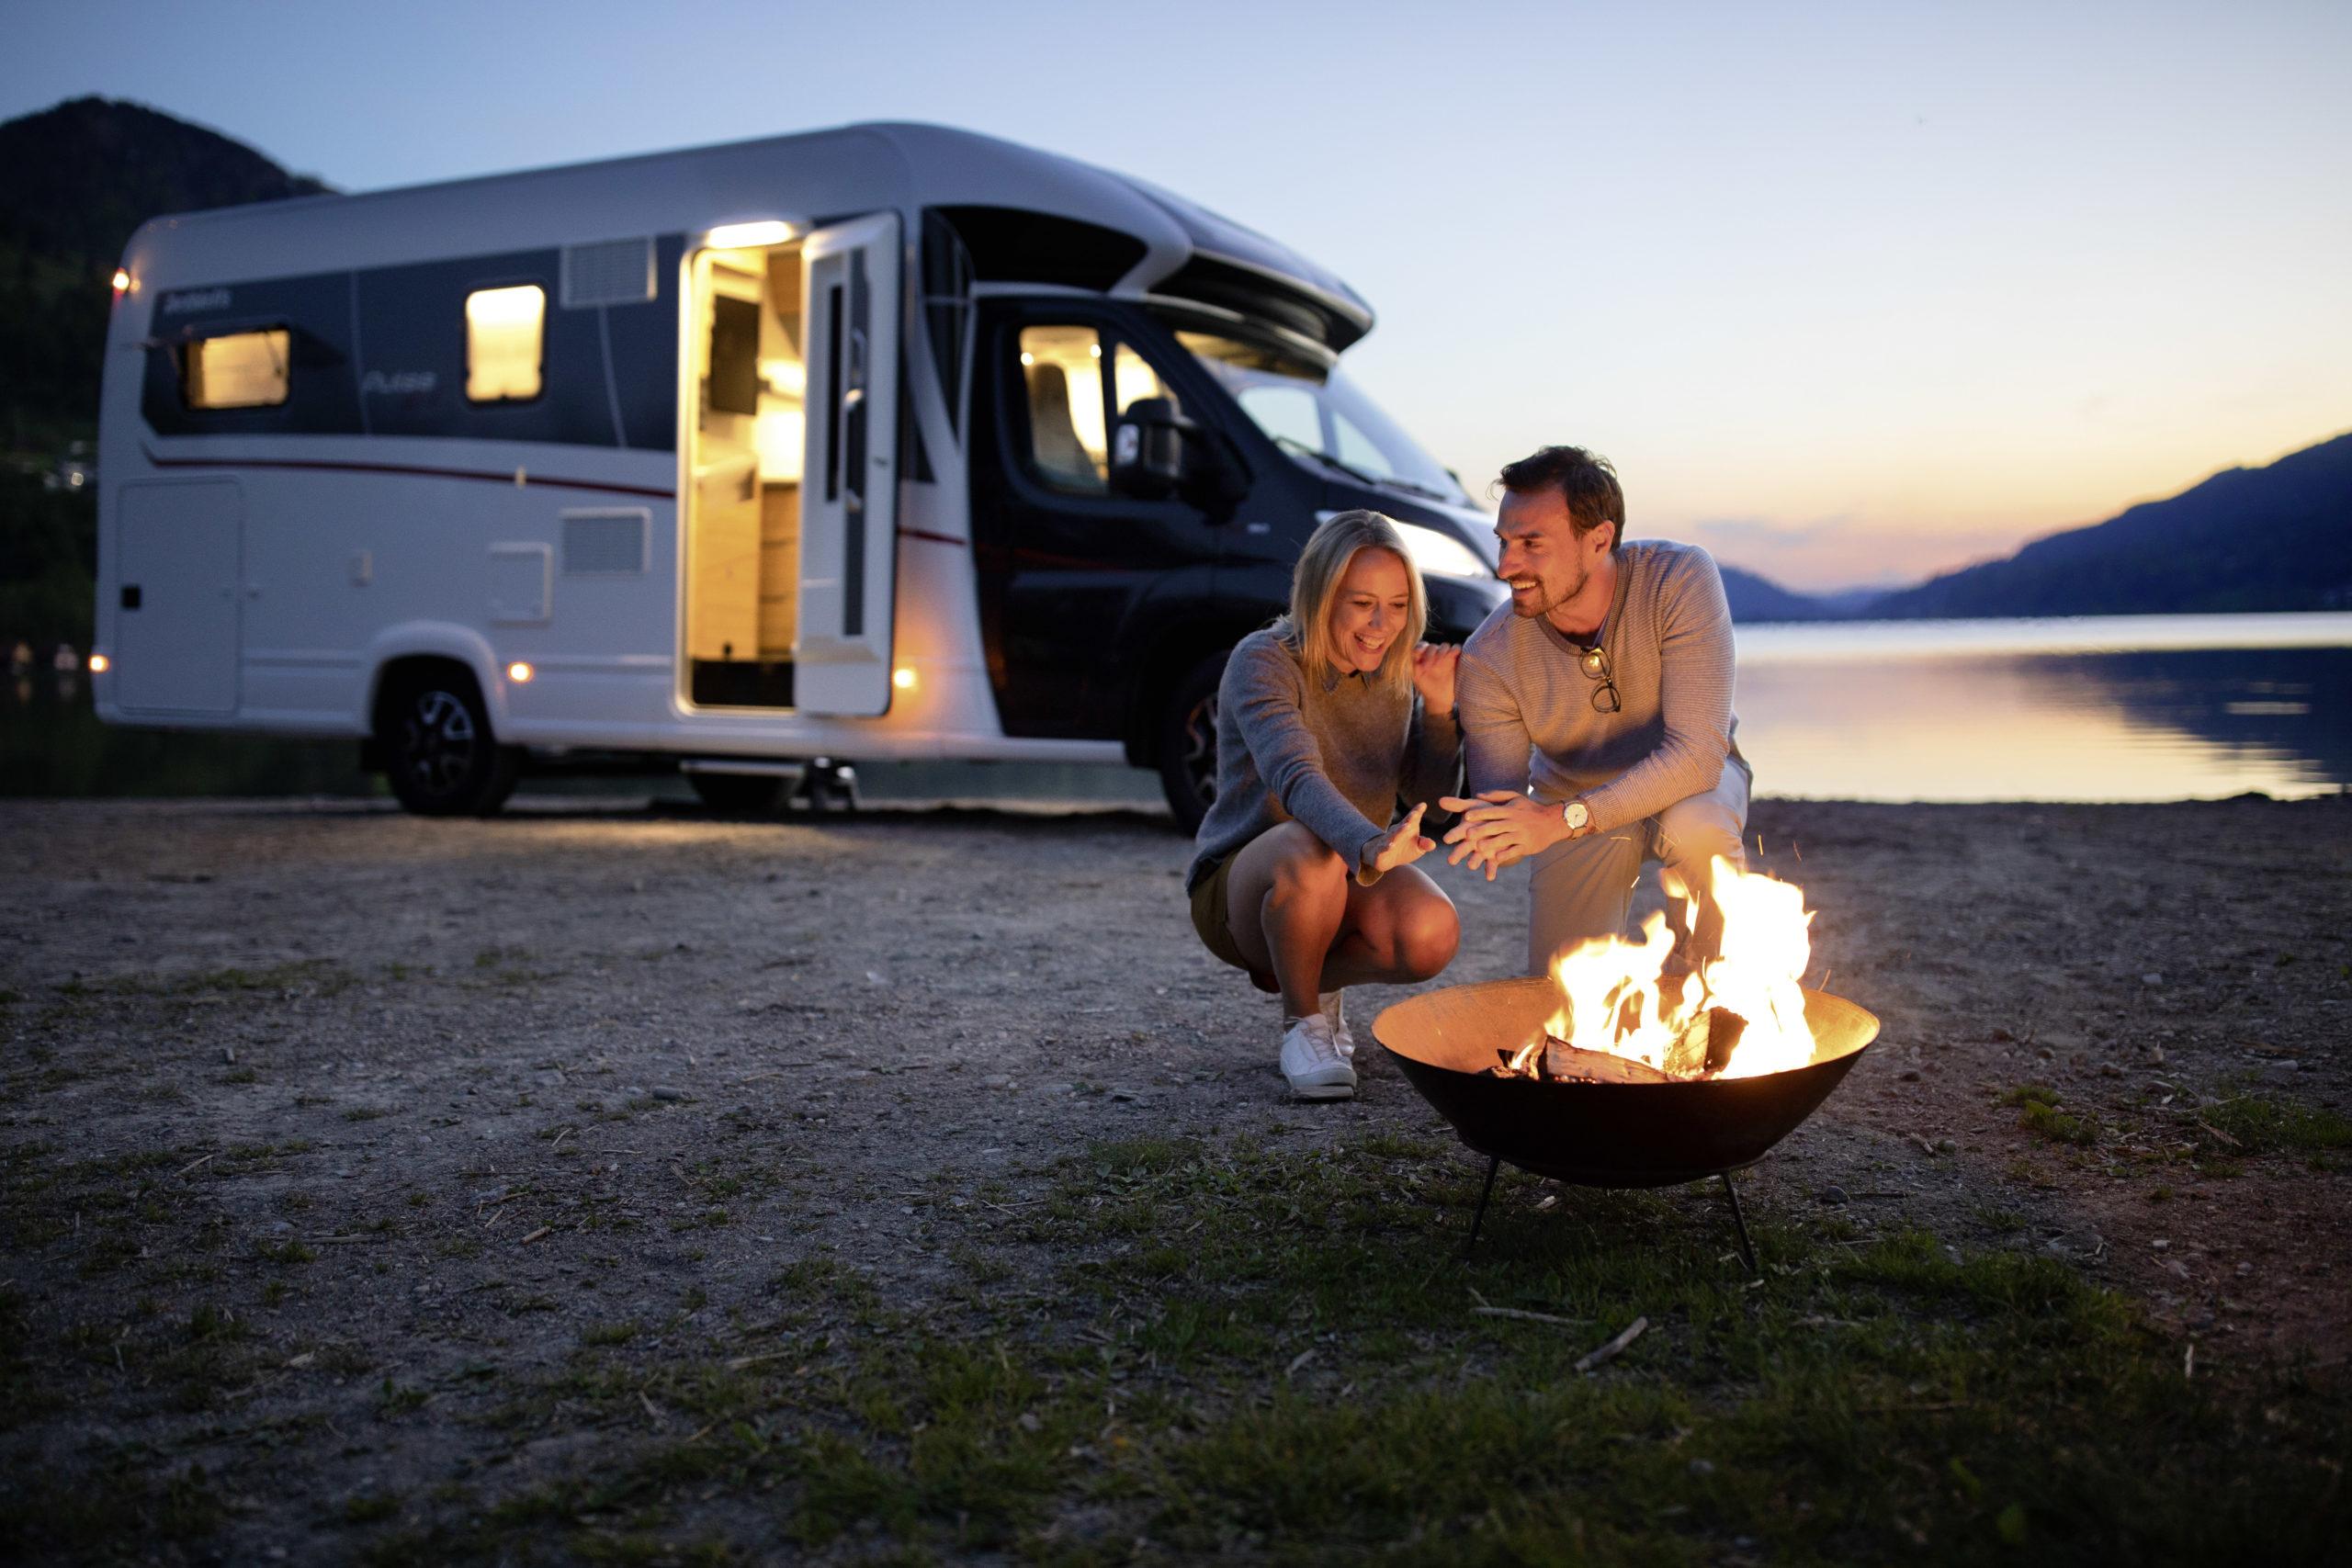 Freiheit des Campings